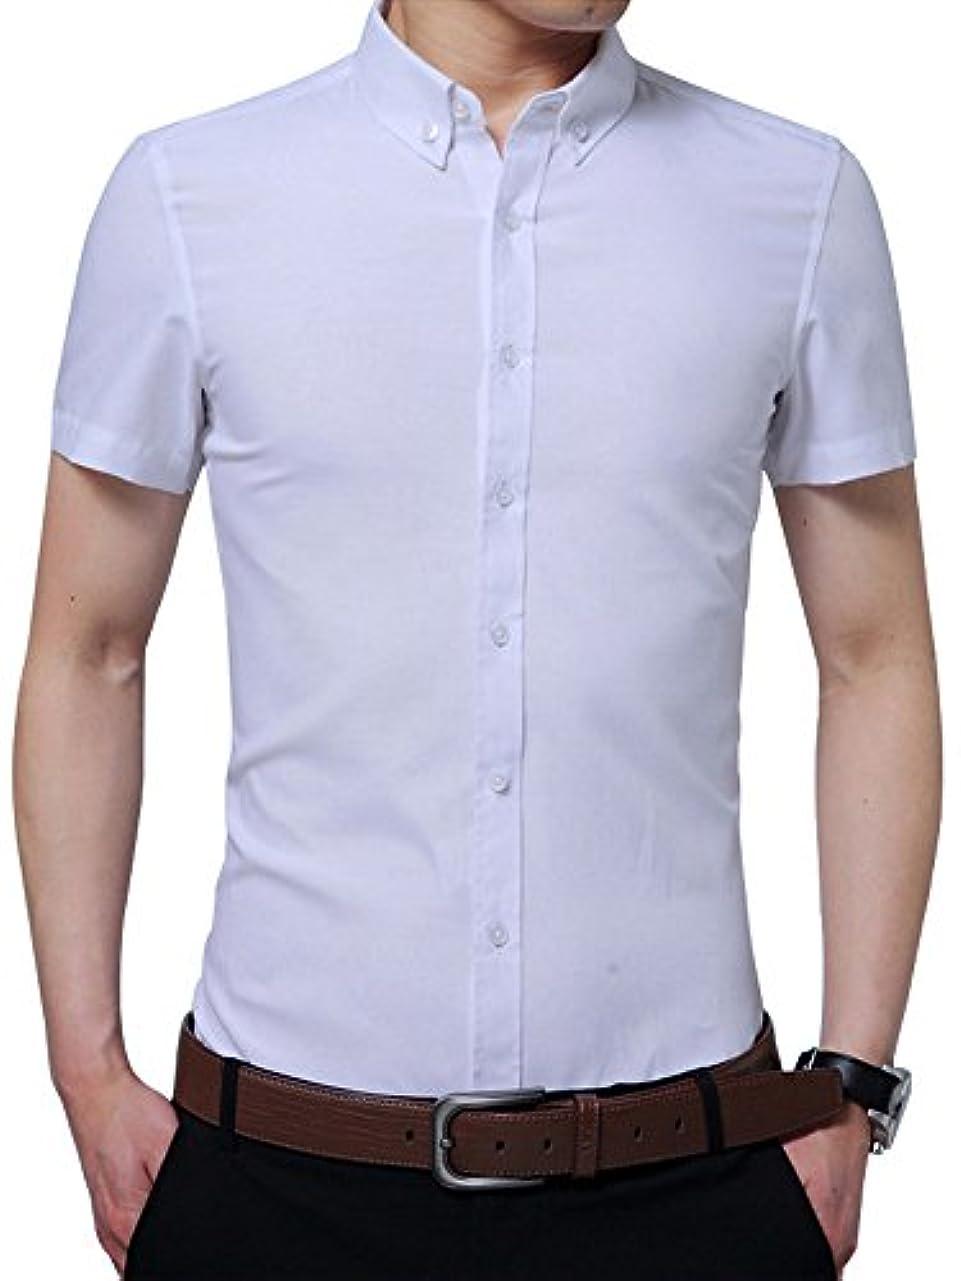 後方険しいブロックする(ワイ-ミー) Y-ME メンズ 半袖シャツ ワイシャツ 無地 ビジネス